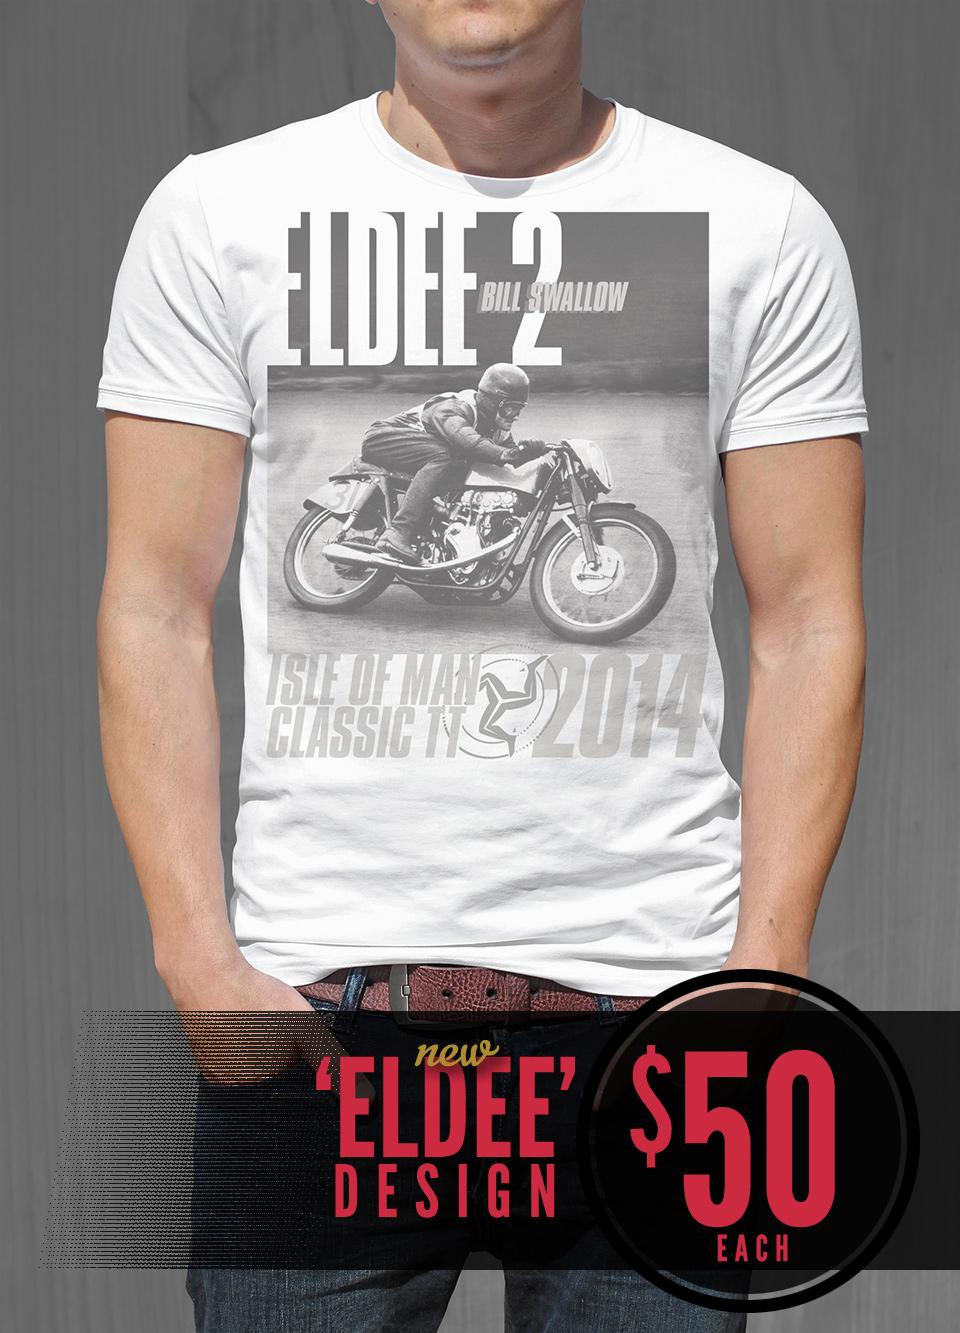 Eldee velocette eldee 2 les diener racing design t shirt design front